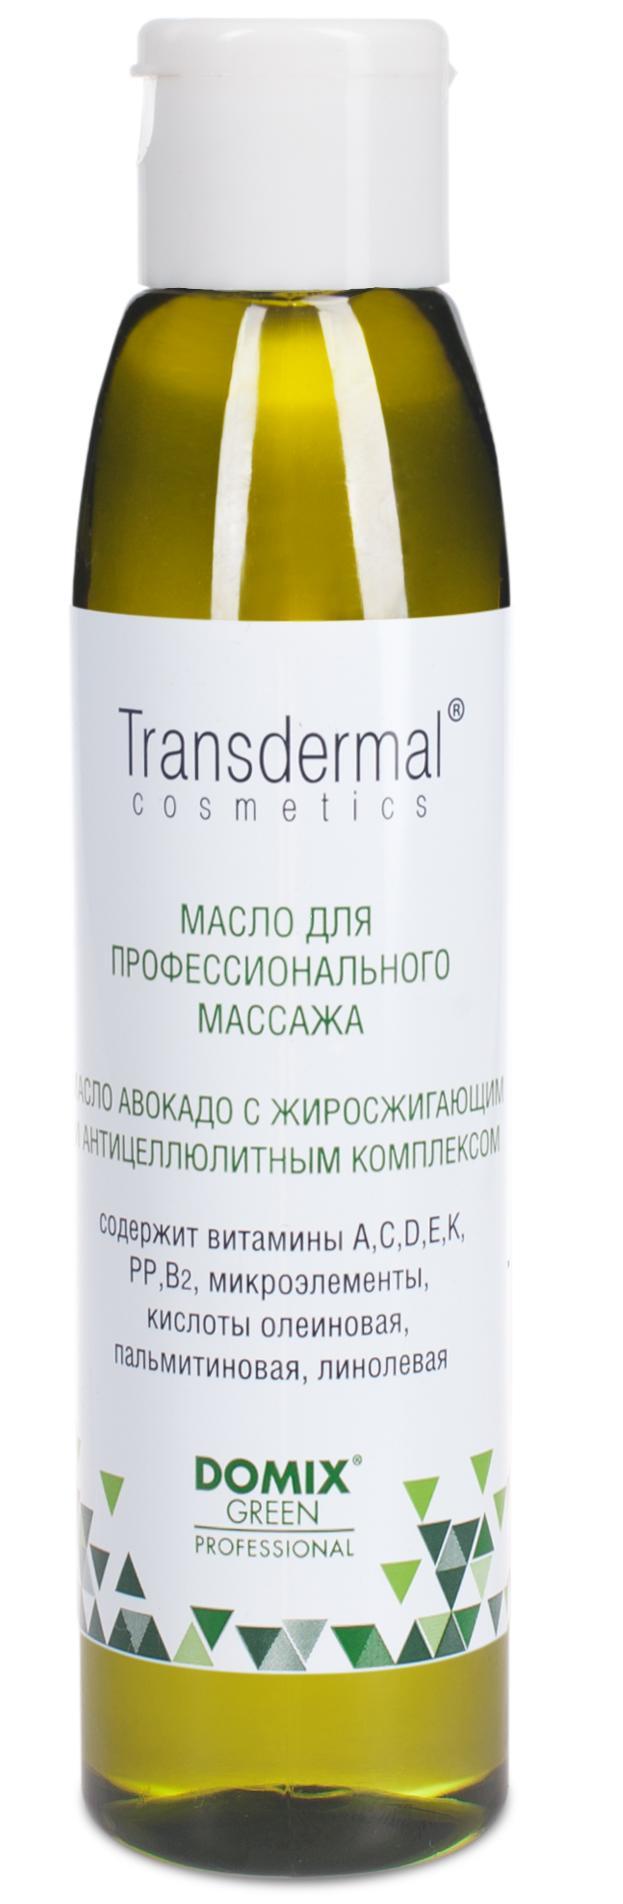 DOMIX Масло авокадо с жиросжигающим и антицеллюлитным комплексом без отдушек / TRANSDERMAL COSMETICS 136мл